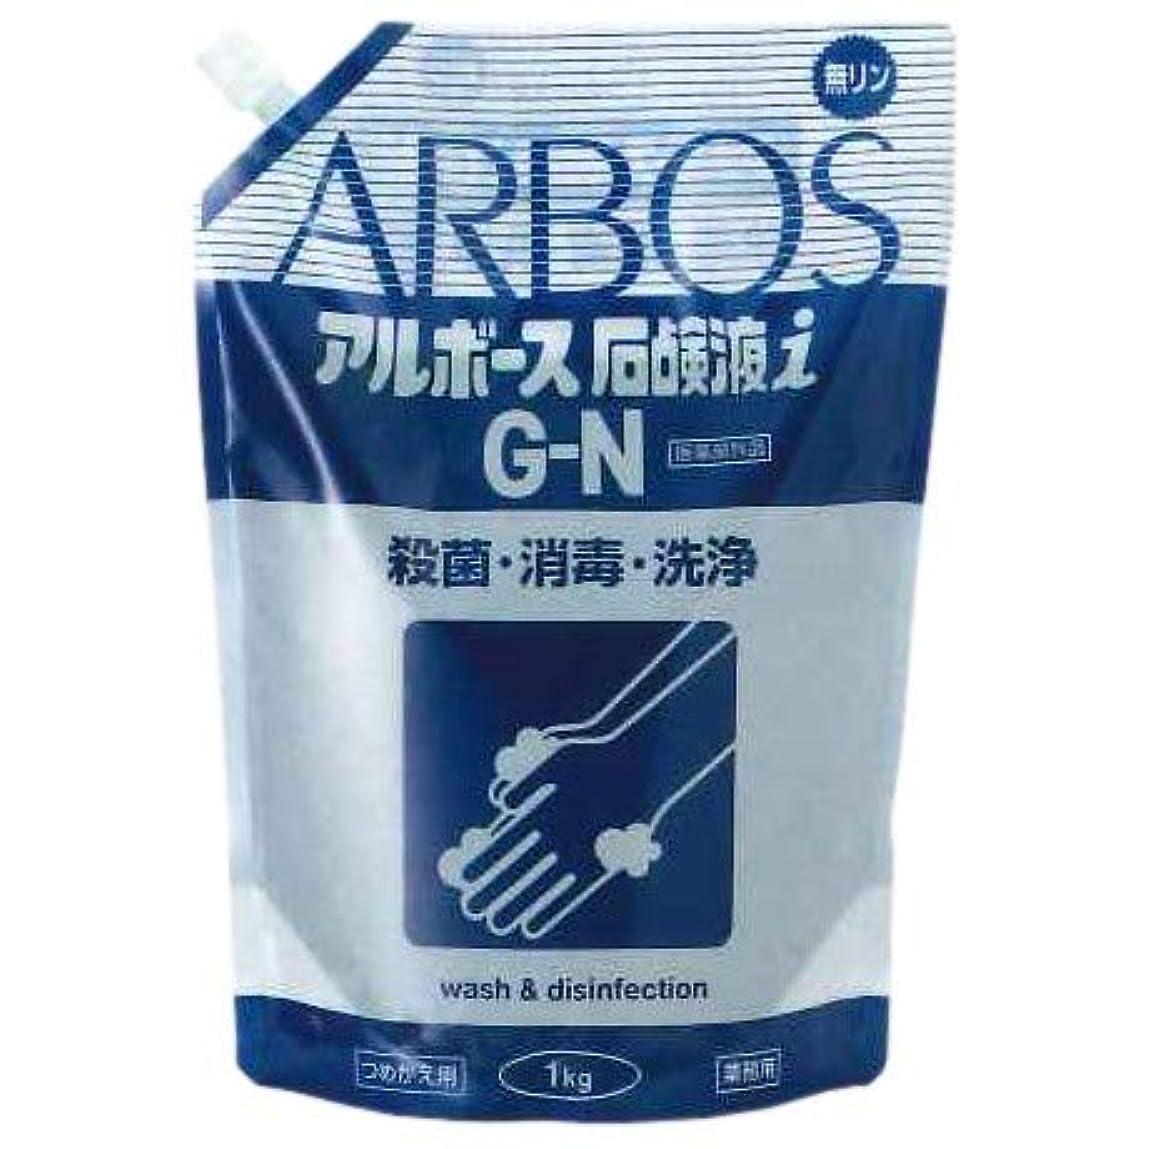 ブラウス取り組む性格アルボース 薬用ハンドソープ アルボース石鹸液i G-N 濃縮タイプ 1kg×18袋